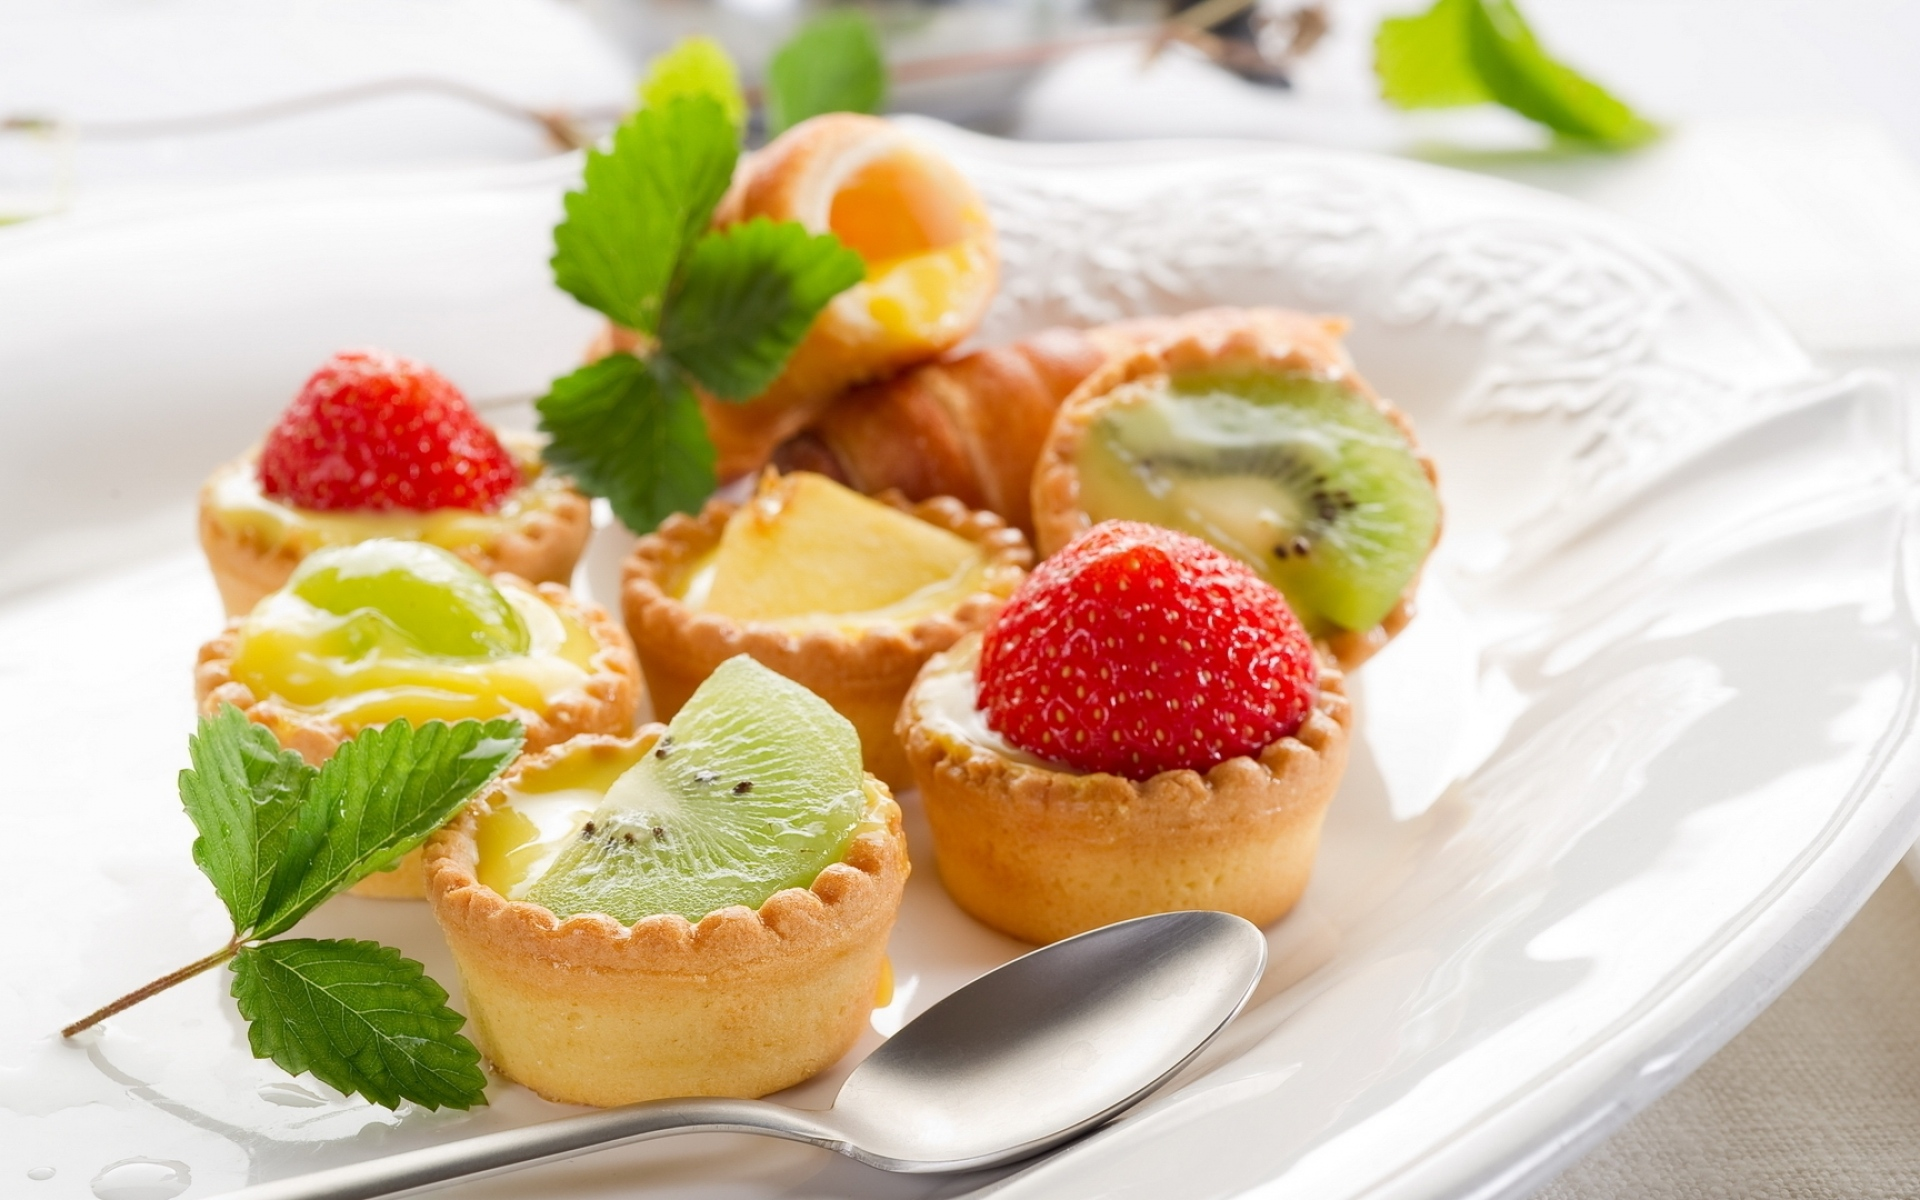 Картинки Торты, пироги, фрукты фото и обои на рабочий стол